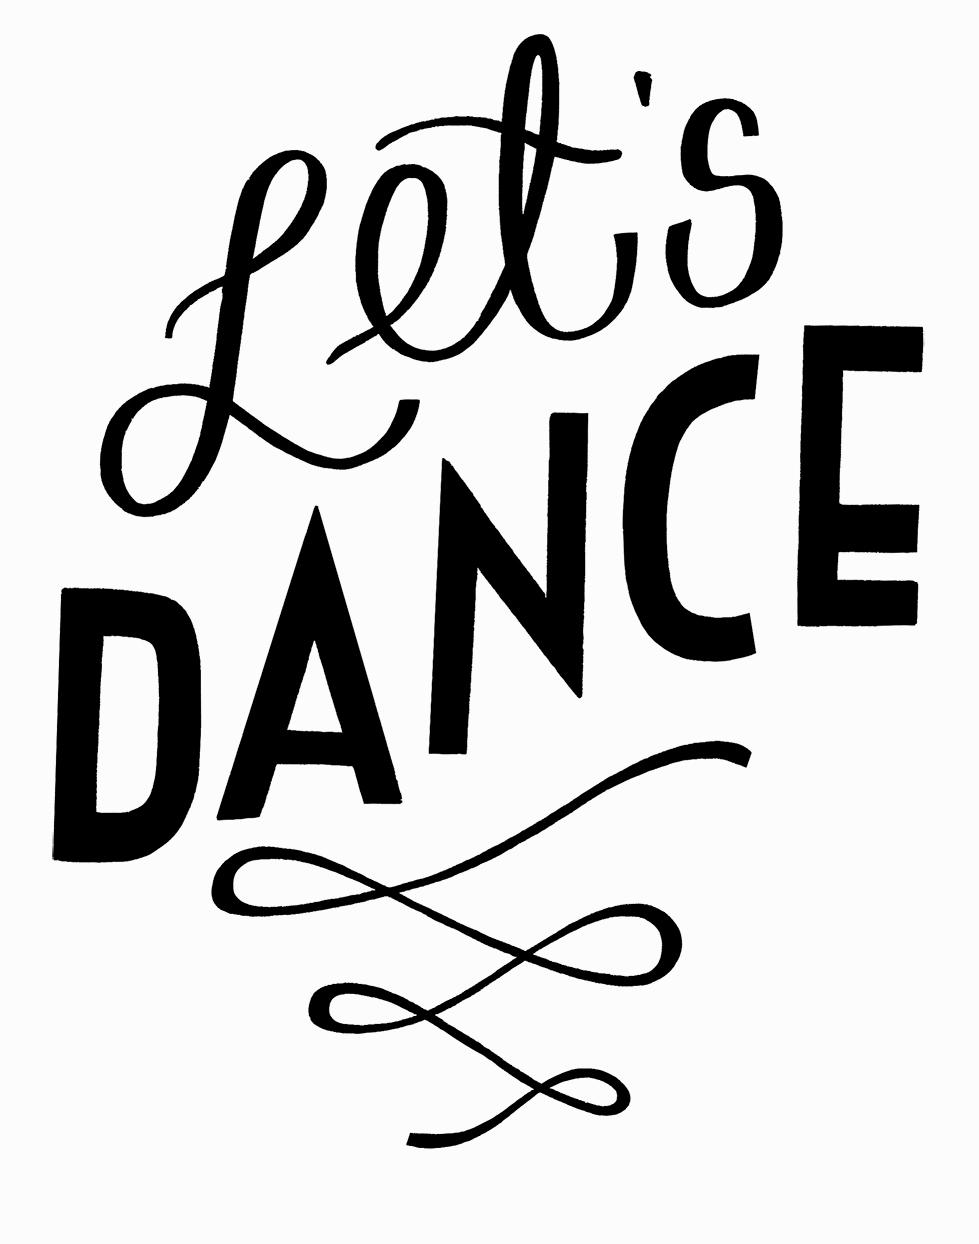 Oli Frape Lettering - Let's Dance Tattoo